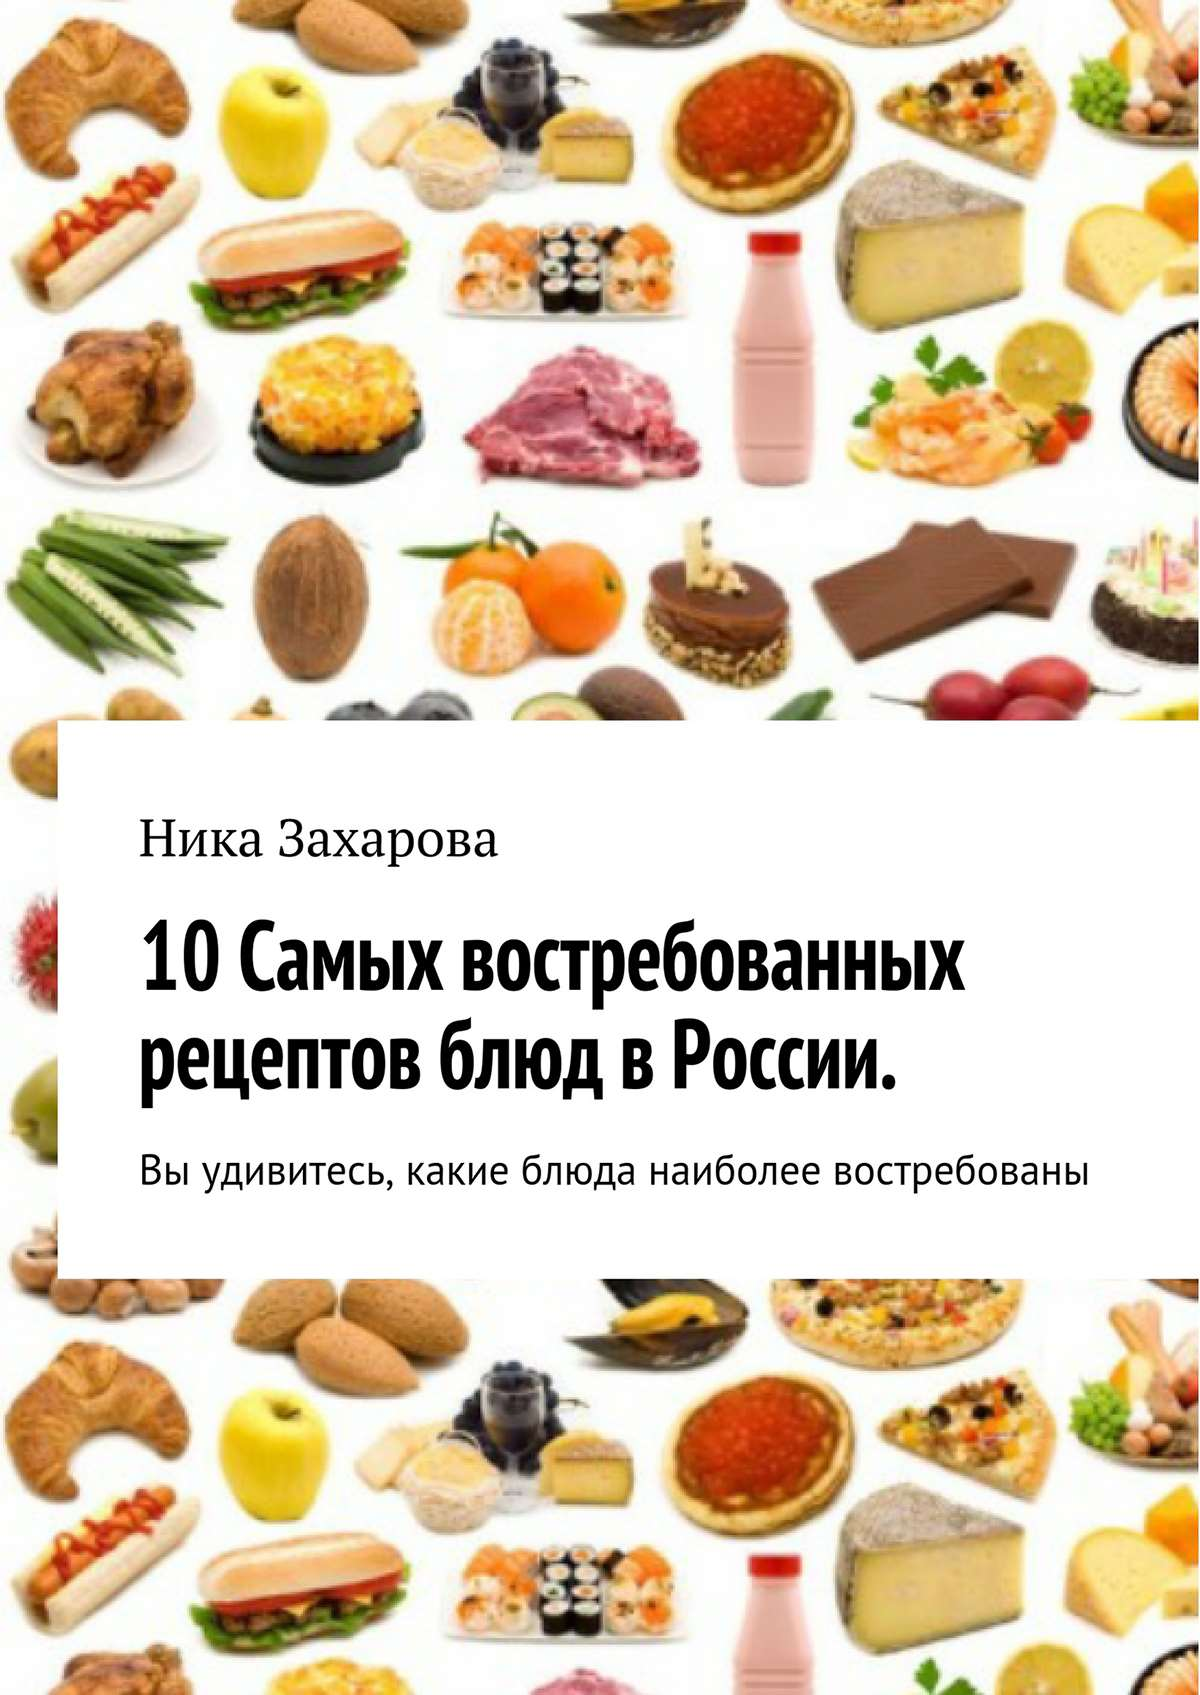 10 cамых востребованных рецептов блюд в России